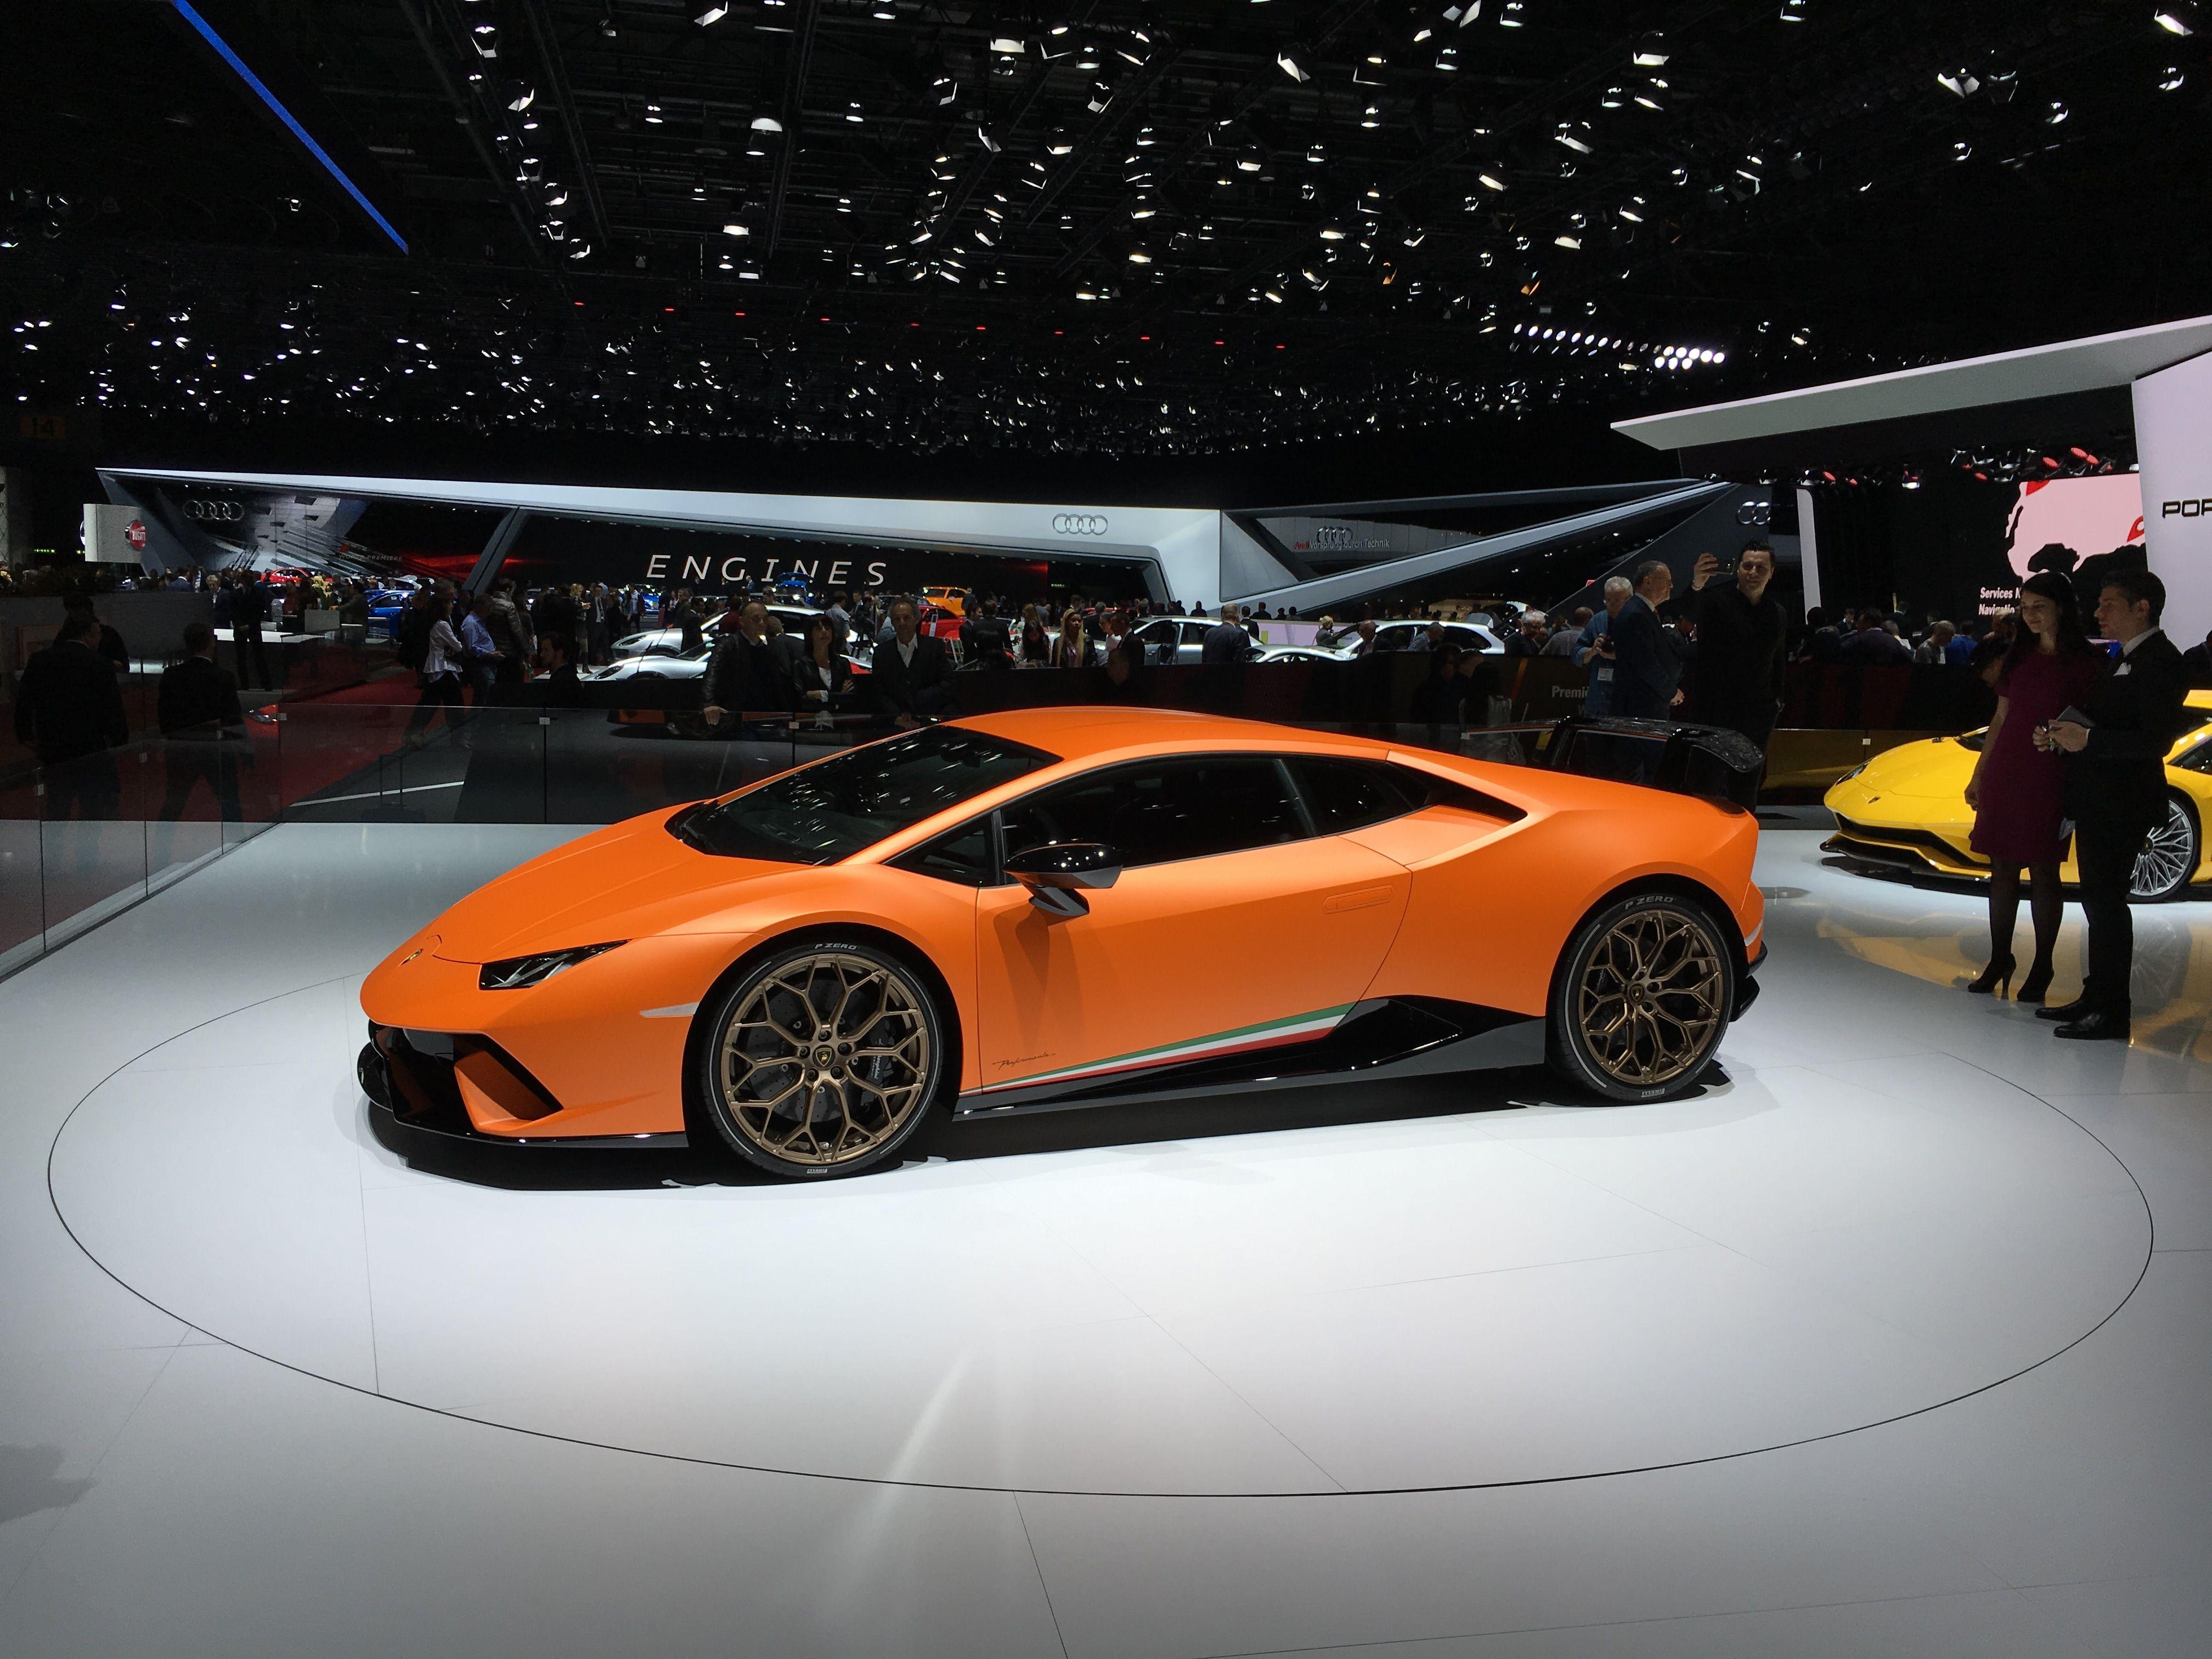 Salon De L Auto >> Lamborghini Huracan Performante Salon De L Auto A Geneve